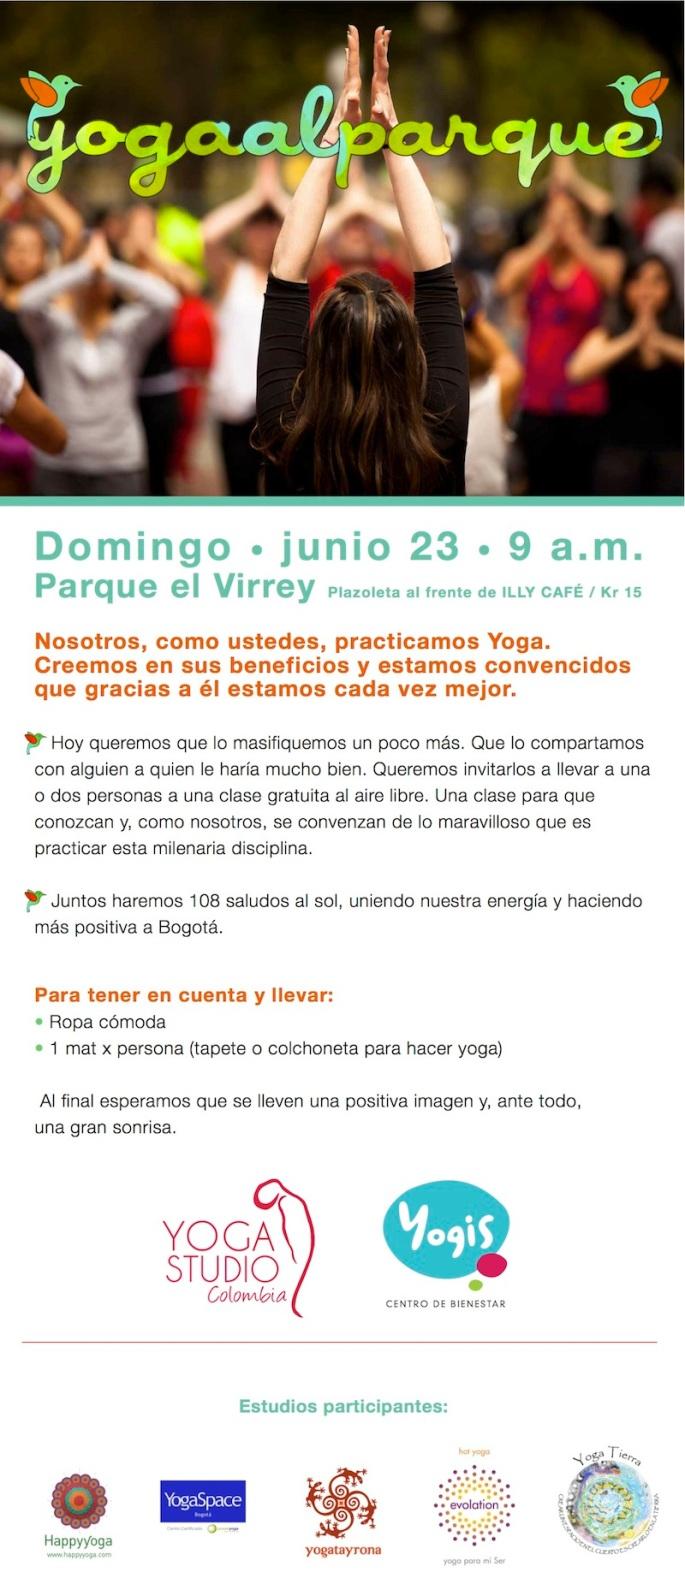 yoga al parque 2013, bogota, colombia, virrey